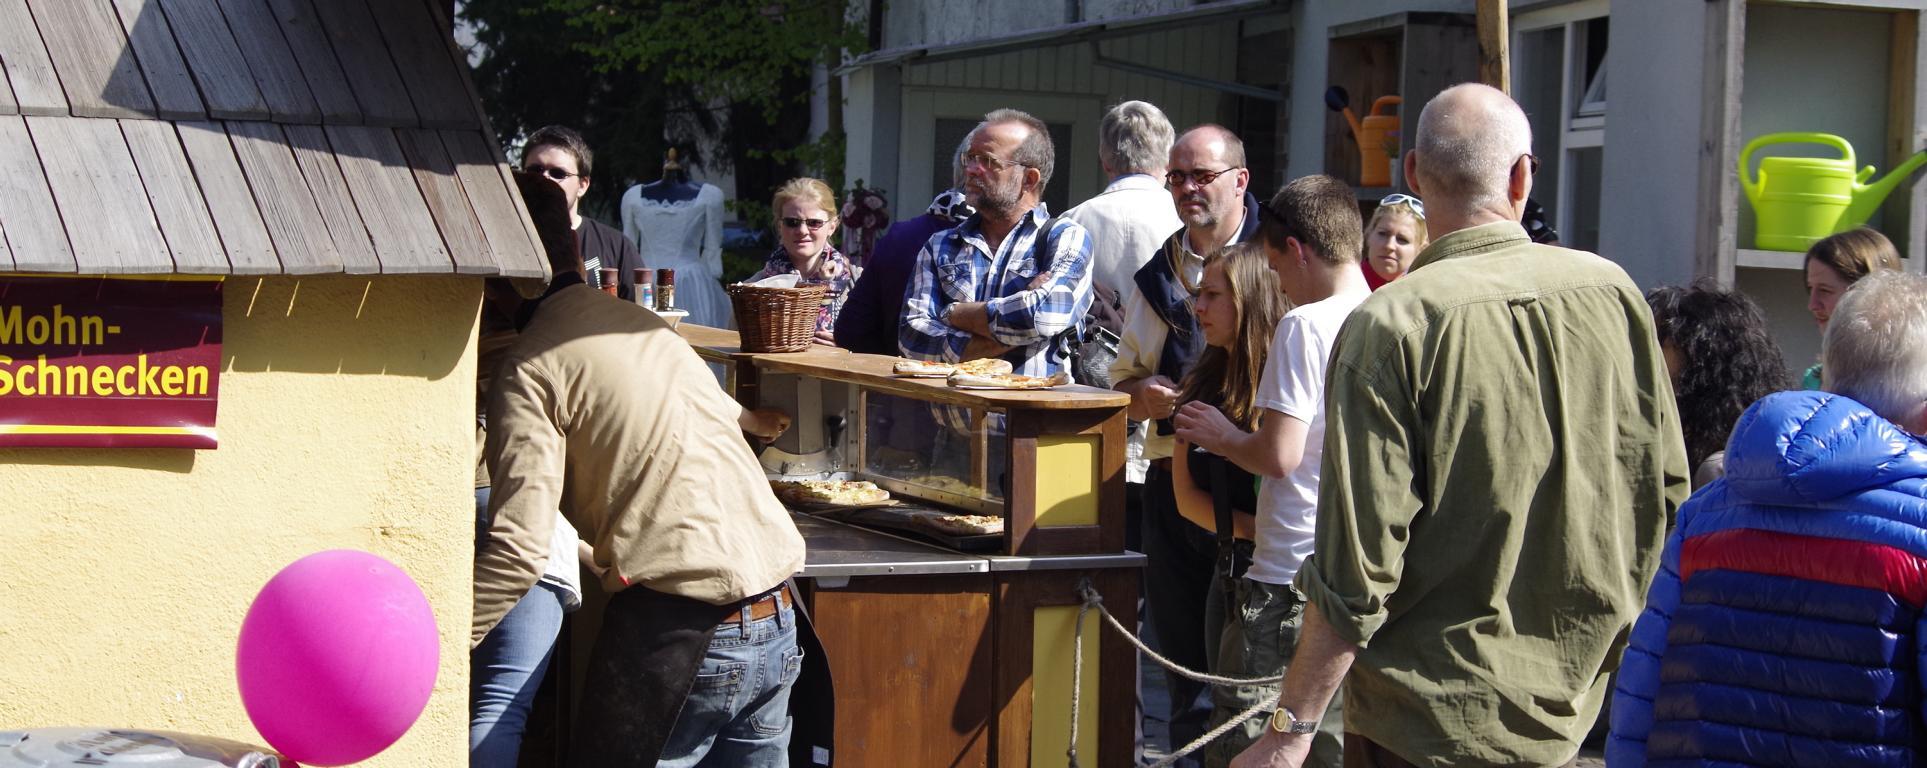 Kunden stehen vor der aulendorfer Dinnete Bäckerei - Holzofenbeck